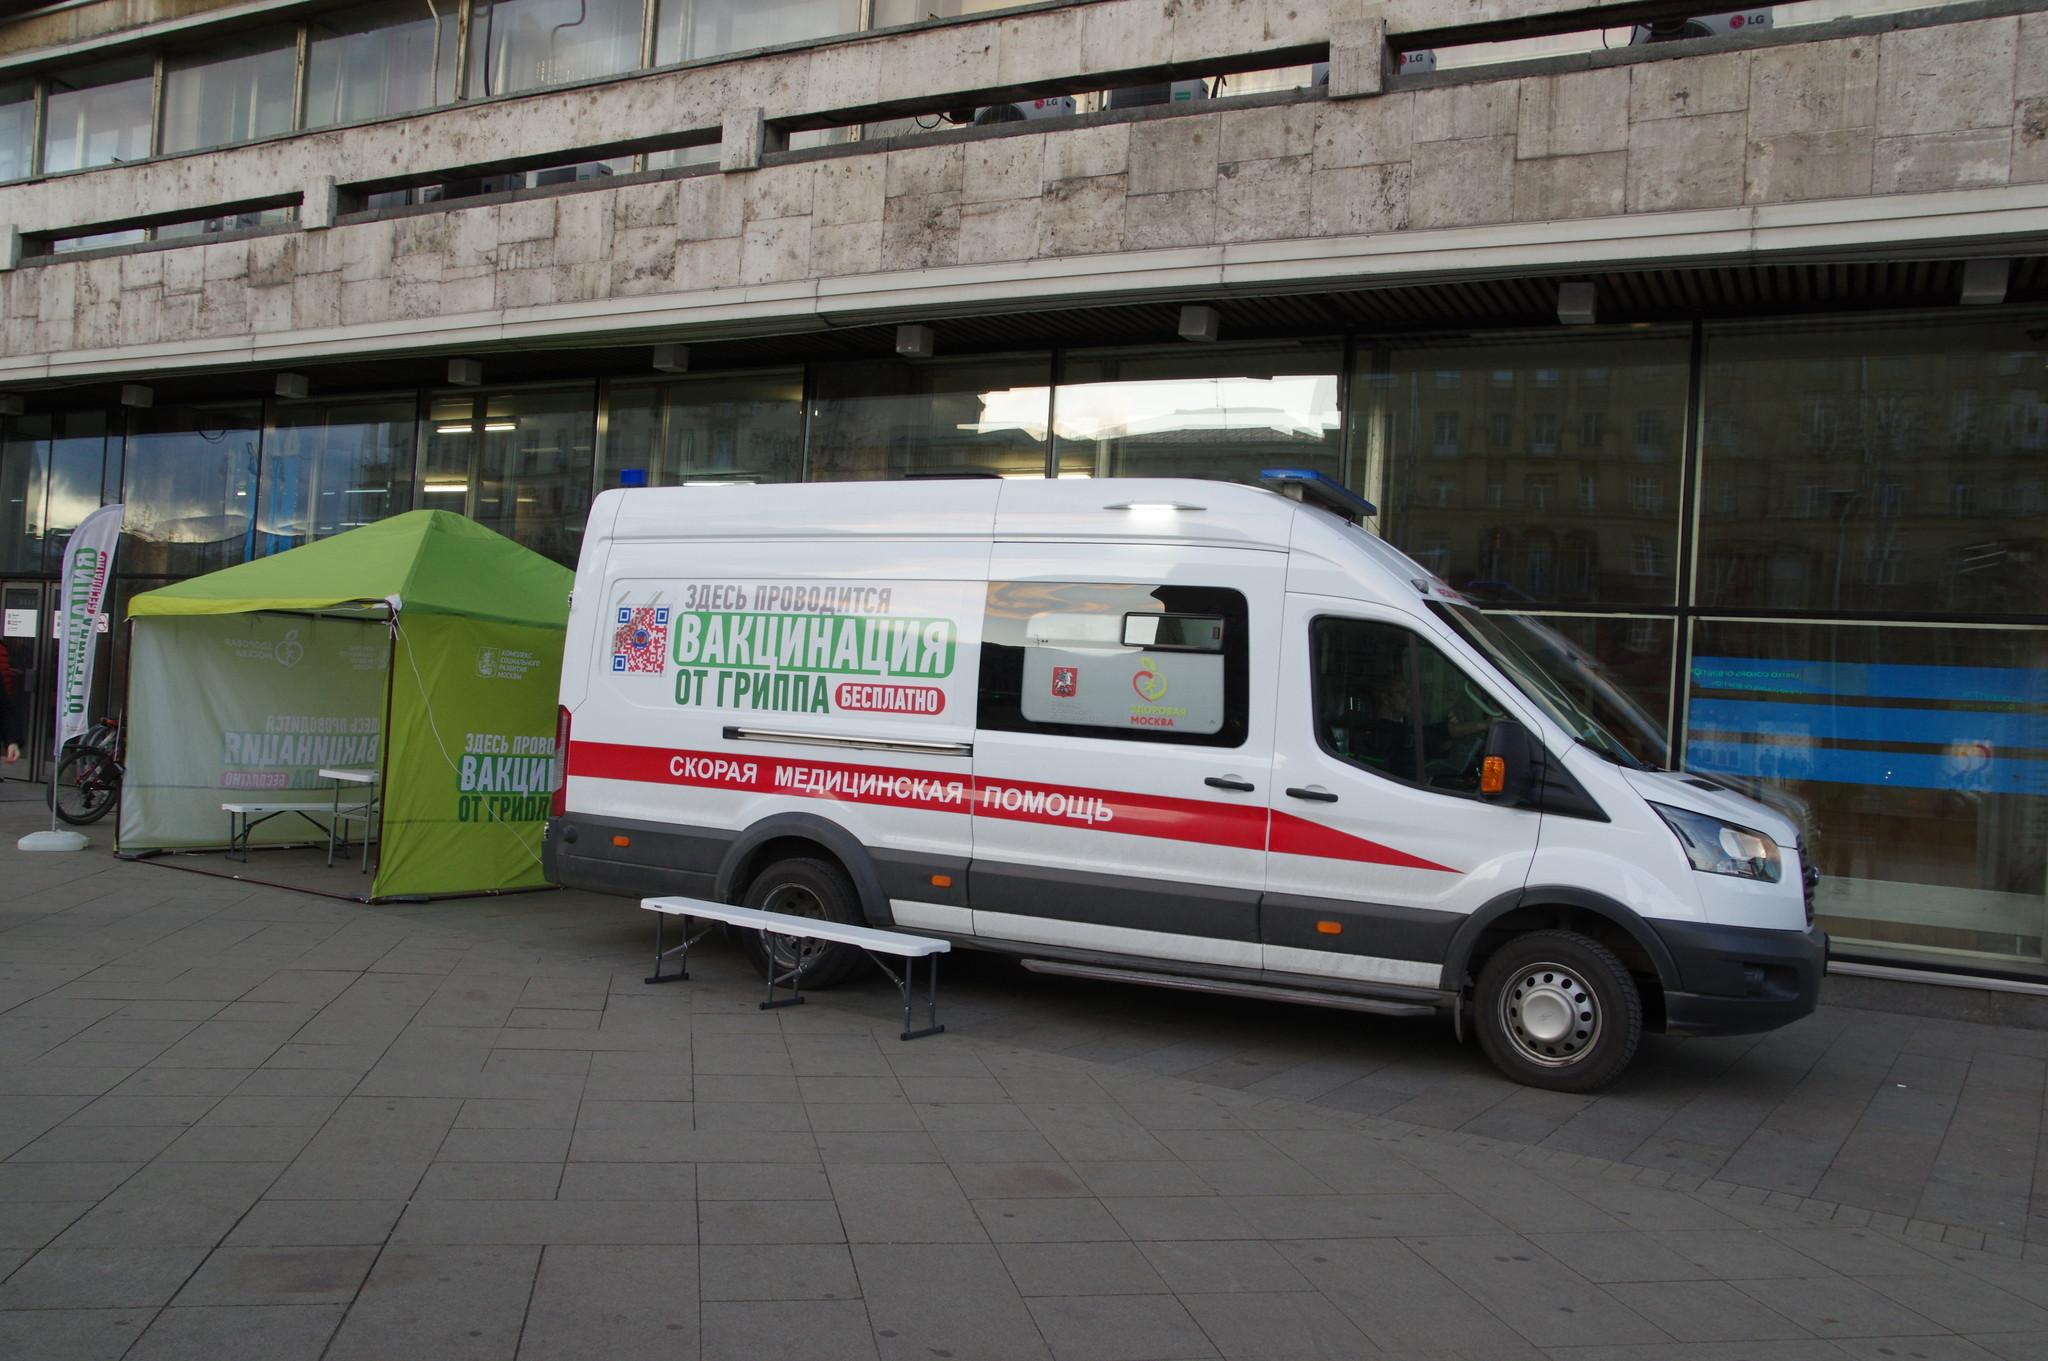 Мобильный пункт вакцинации против гриппа (Тверская улица, дом 18)